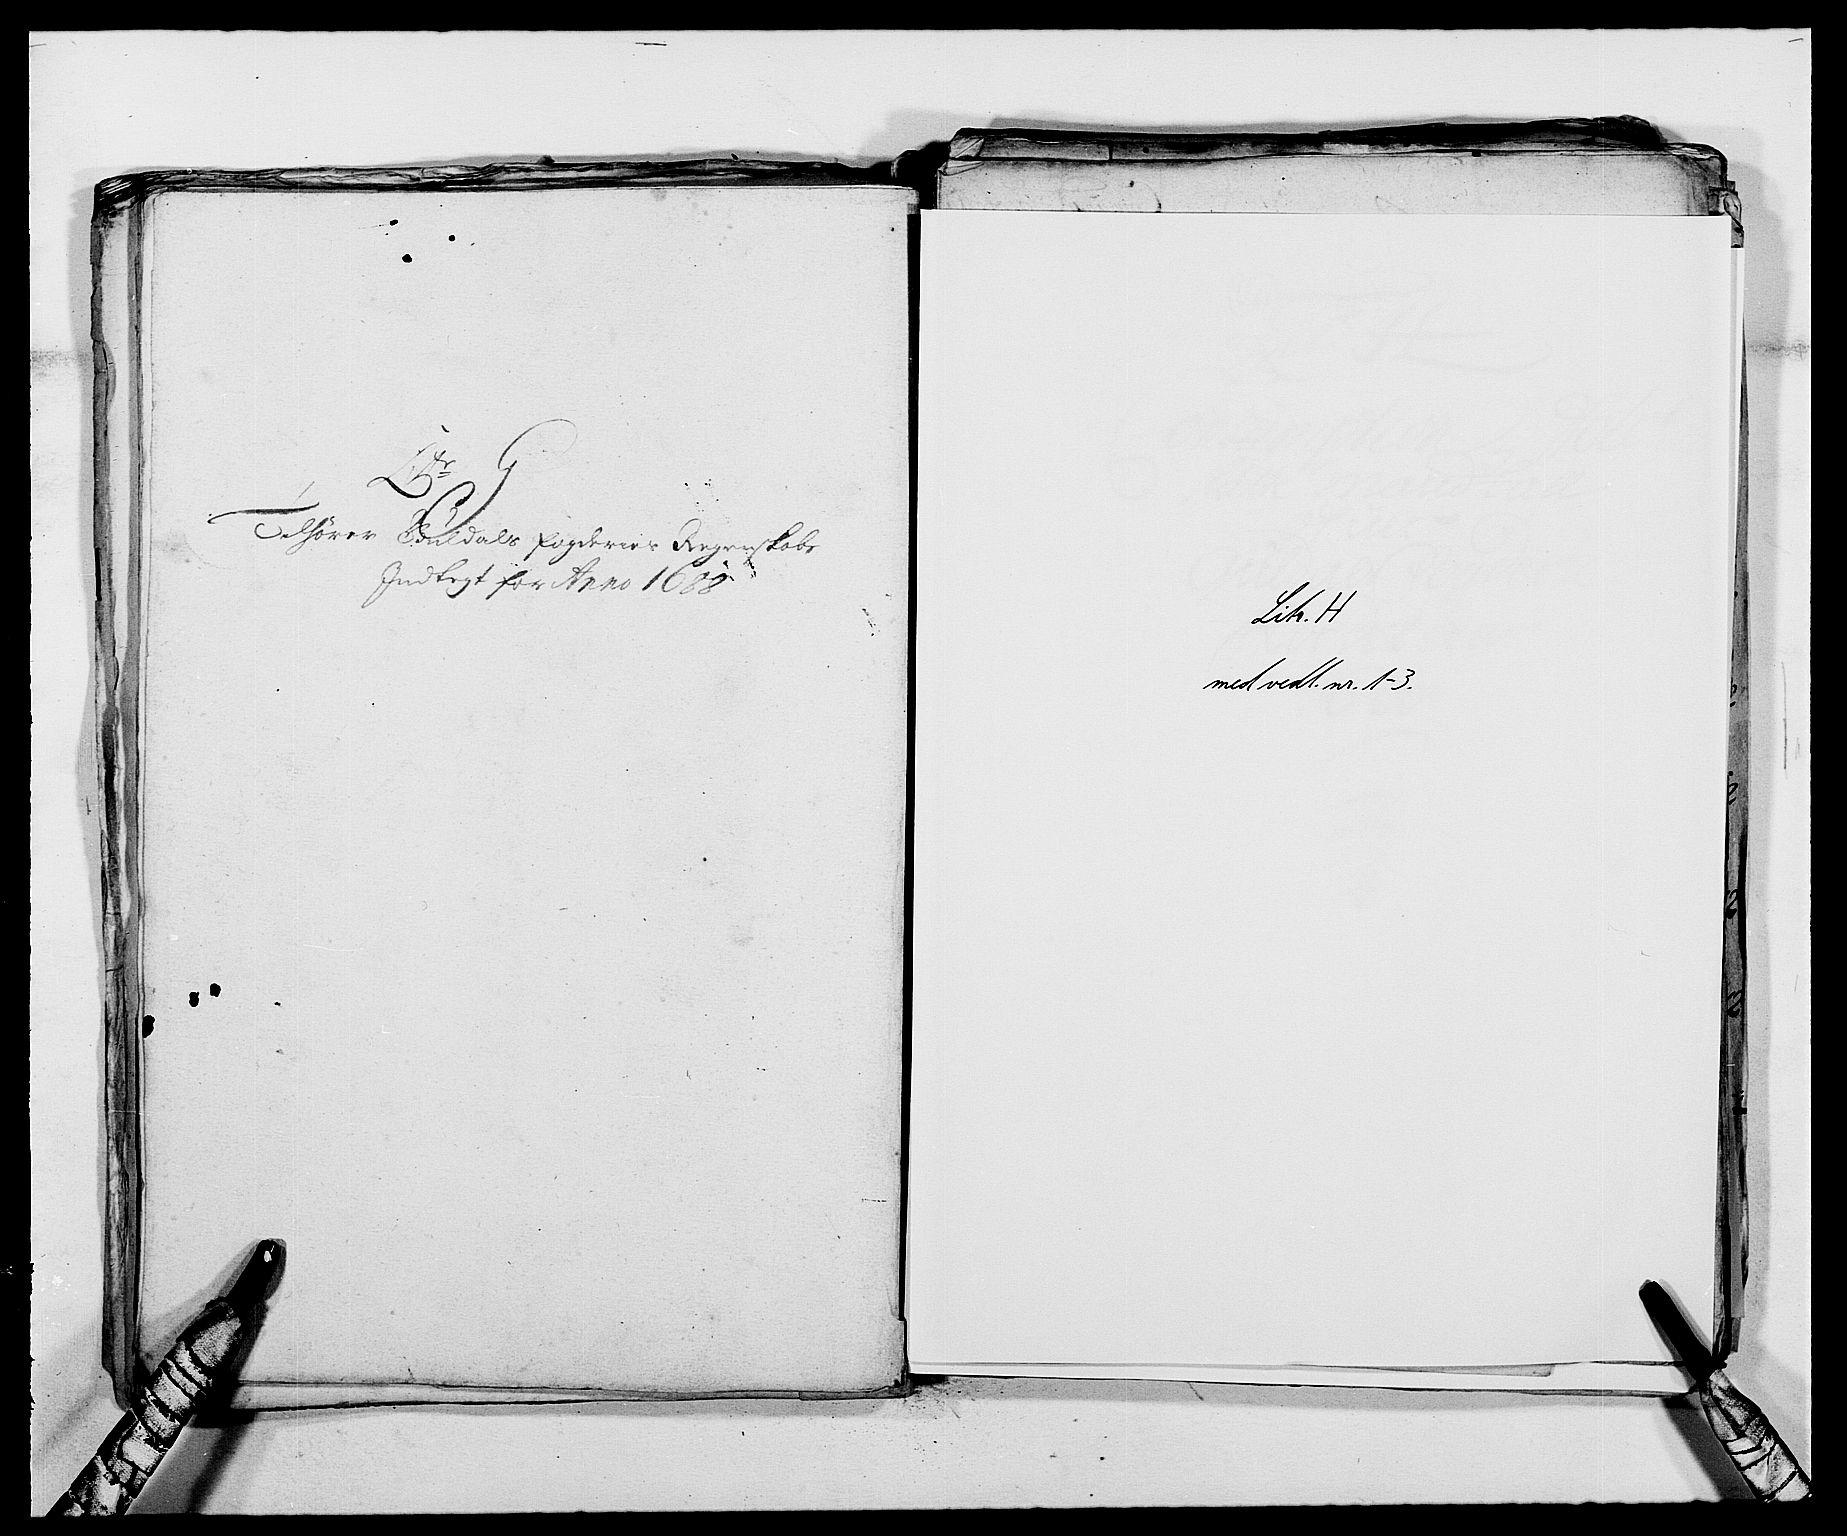 RA, Rentekammeret inntil 1814, Reviderte regnskaper, Fogderegnskap, R59/L3939: Fogderegnskap Gauldal, 1687-1688, s. 228